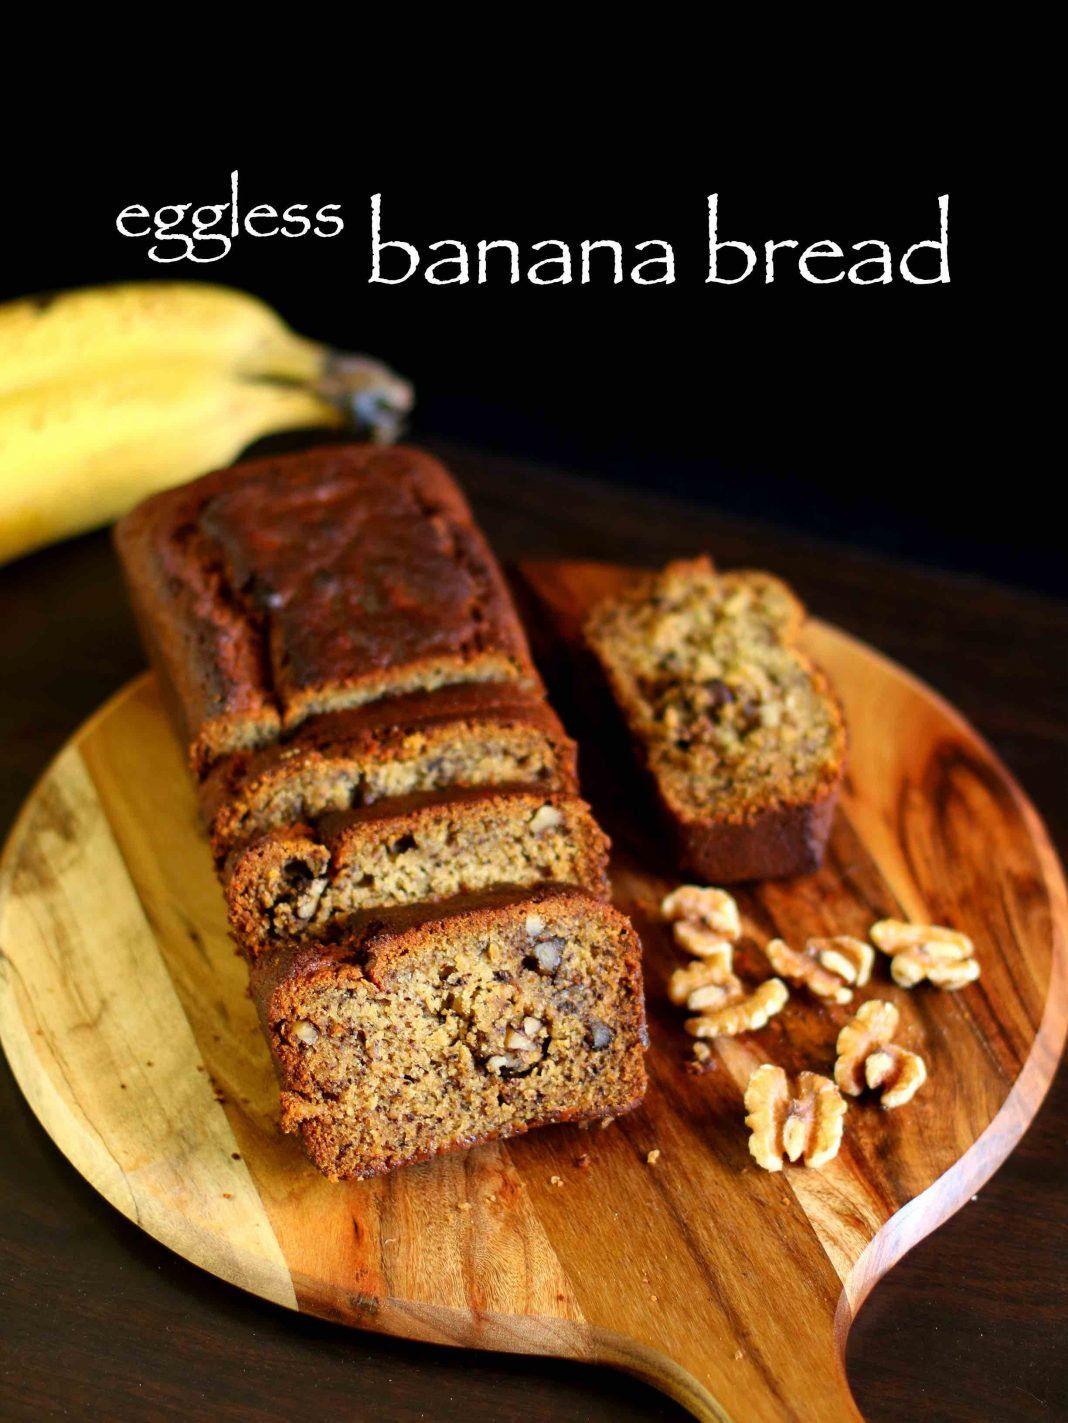 Banana Bread Recipe Eggless Banana Bread Recipe Vegan Banana Bread Recipe Eggless Banana Bread Recipe Easy Banana Bread Recipe Vegan Banana Bread